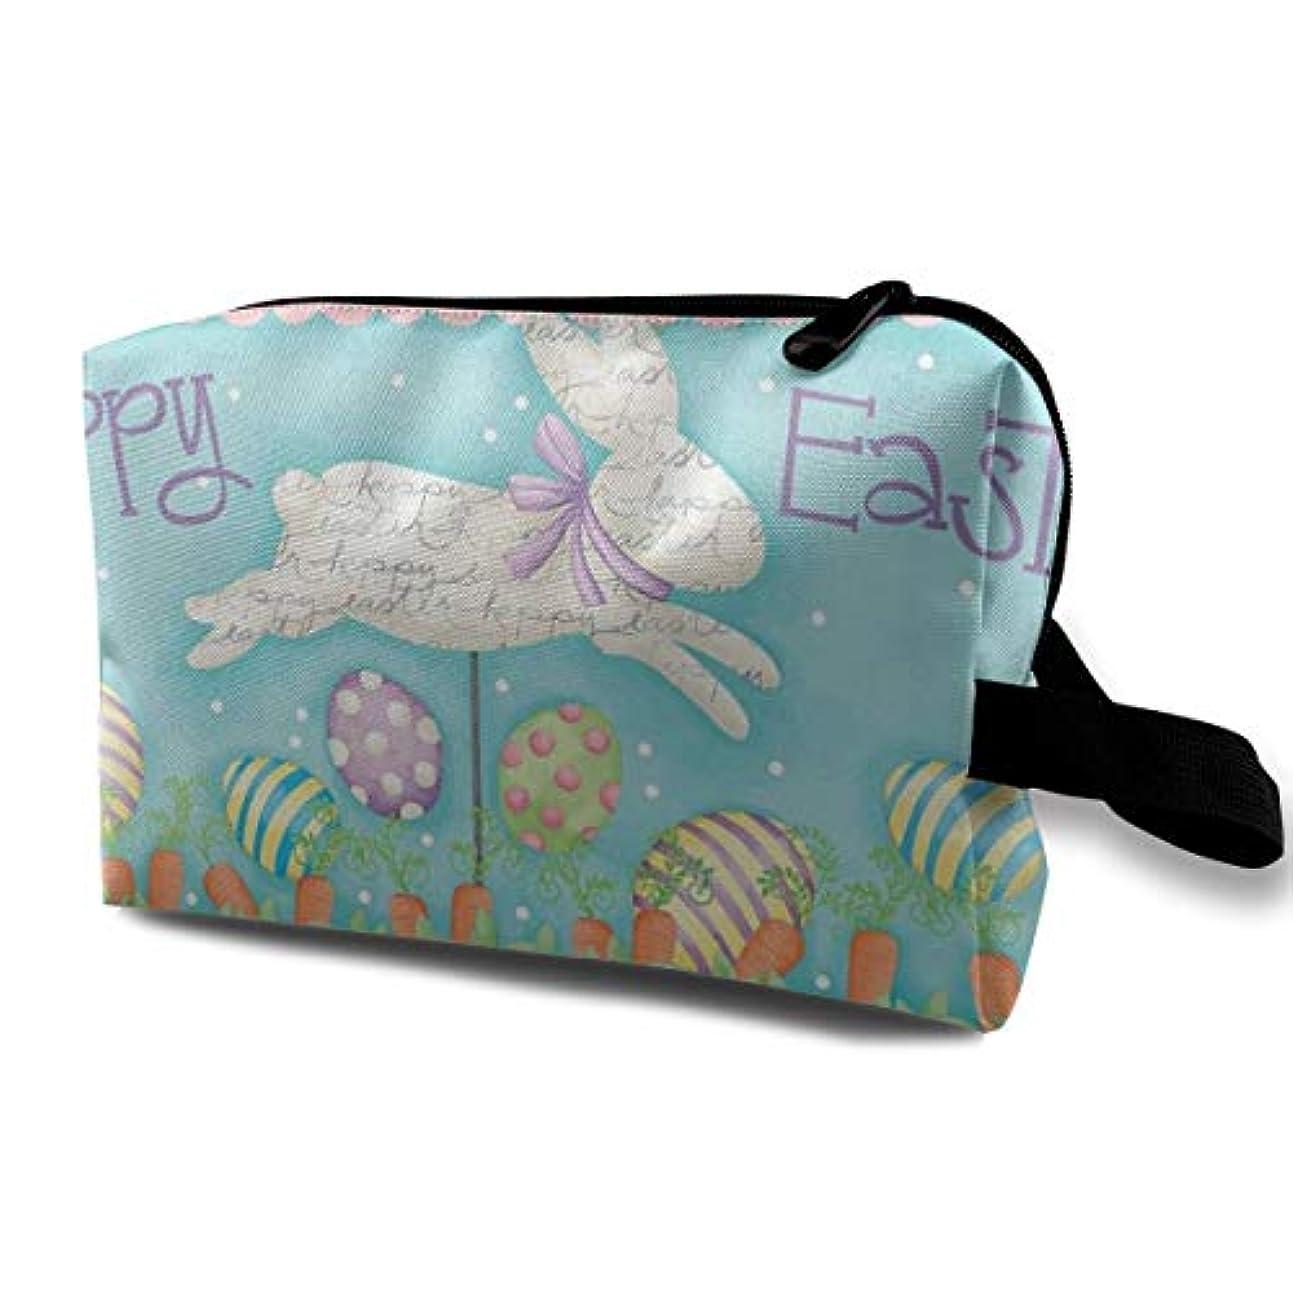 お風呂を持っている画面談話Easter Cute Bunny 収納ポーチ 化粧ポーチ 大容量 軽量 耐久性 ハンドル付持ち運び便利。入れ 自宅?出張?旅行?アウトドア撮影などに対応。メンズ レディース トラベルグッズ